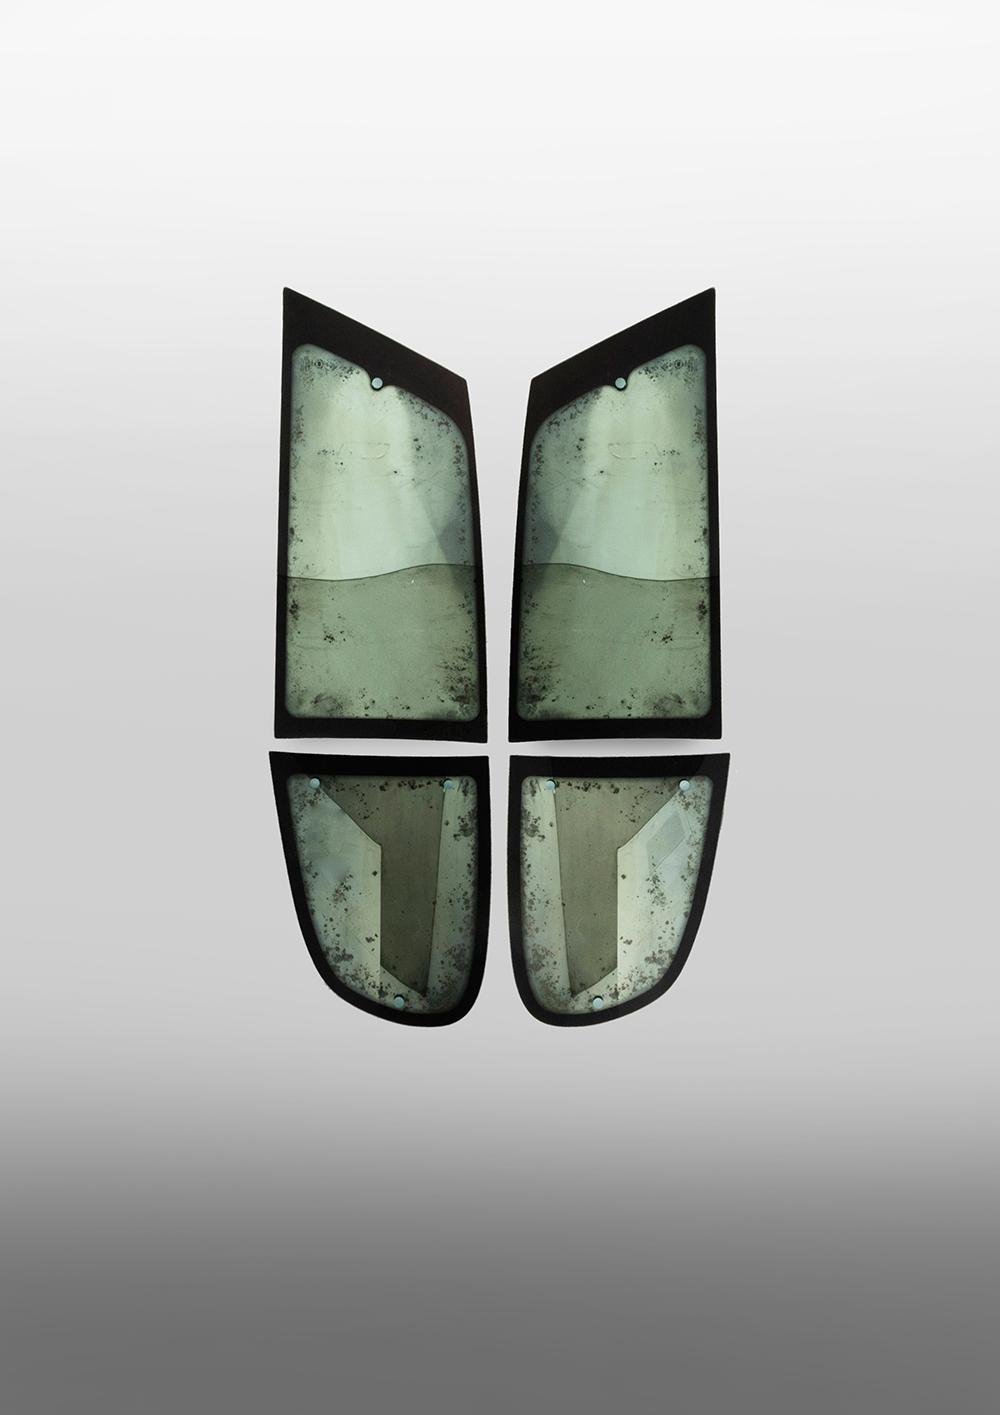 StudioNucleo_souvenir mirrors_composition_6